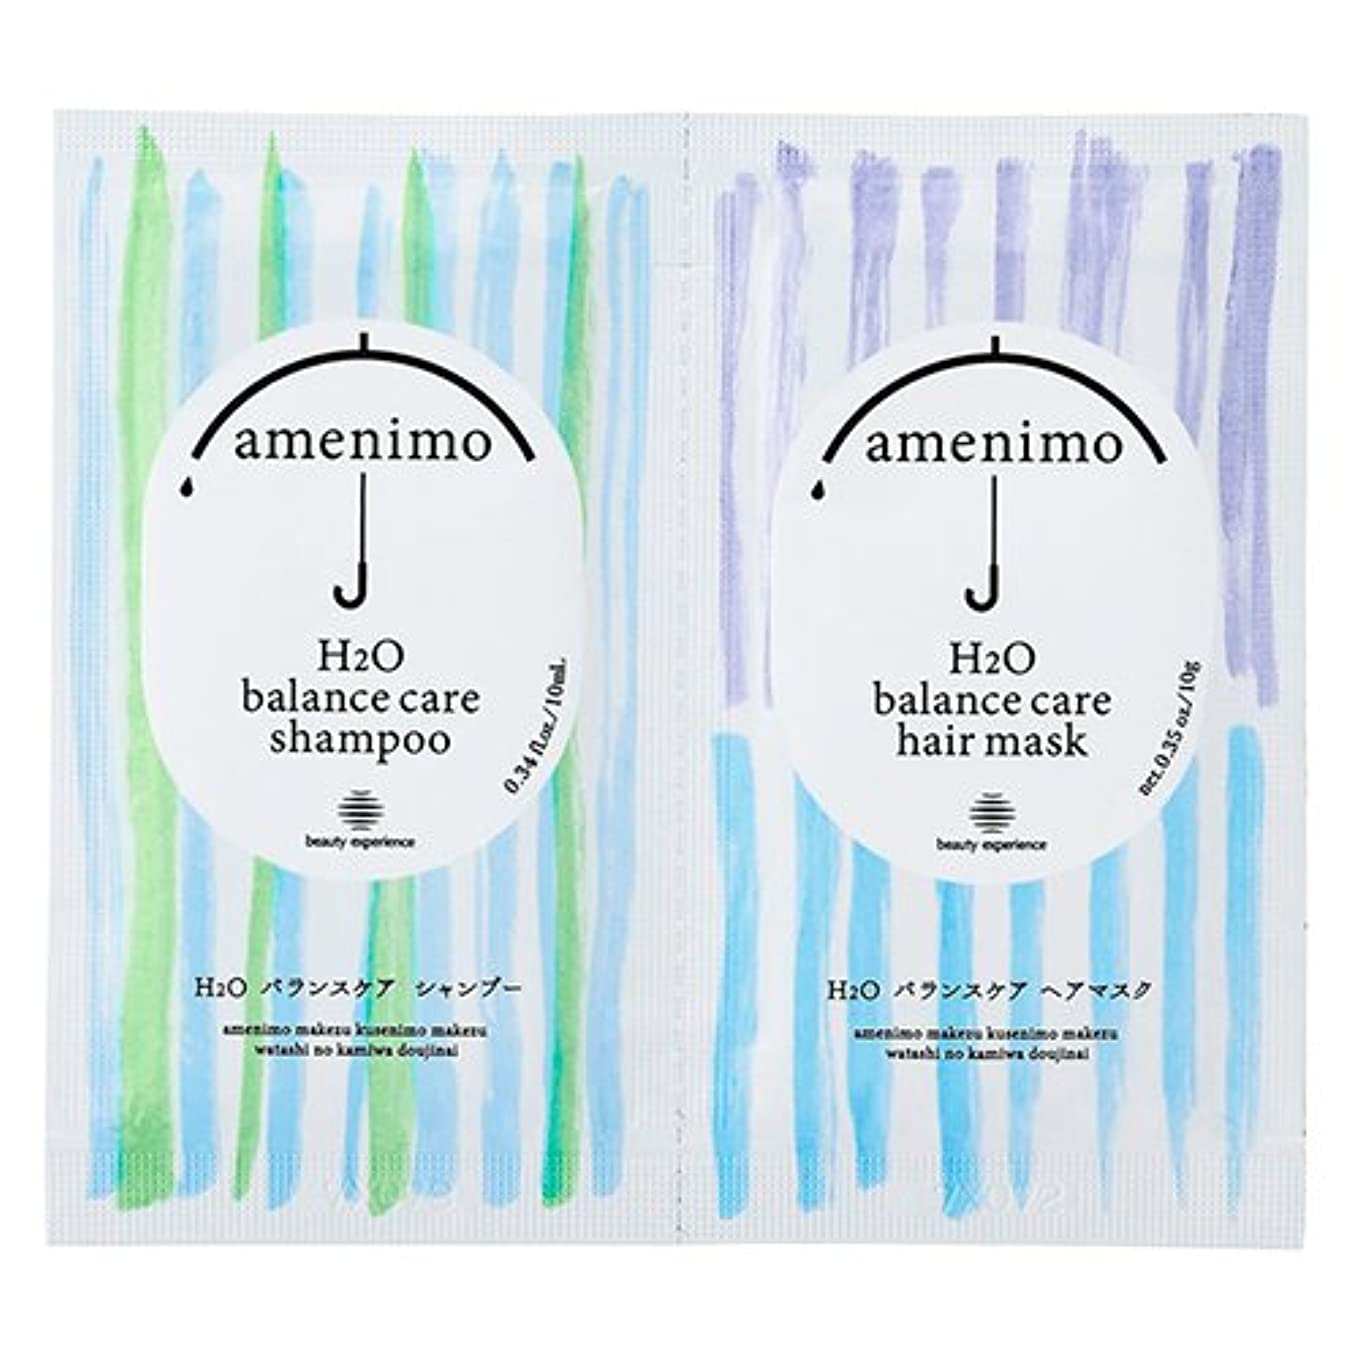 用心する順番地殻amenimo(アメニモ) H2O バランスケア シャンプー&ヘアマスク 1dayお試し 10mL+10g